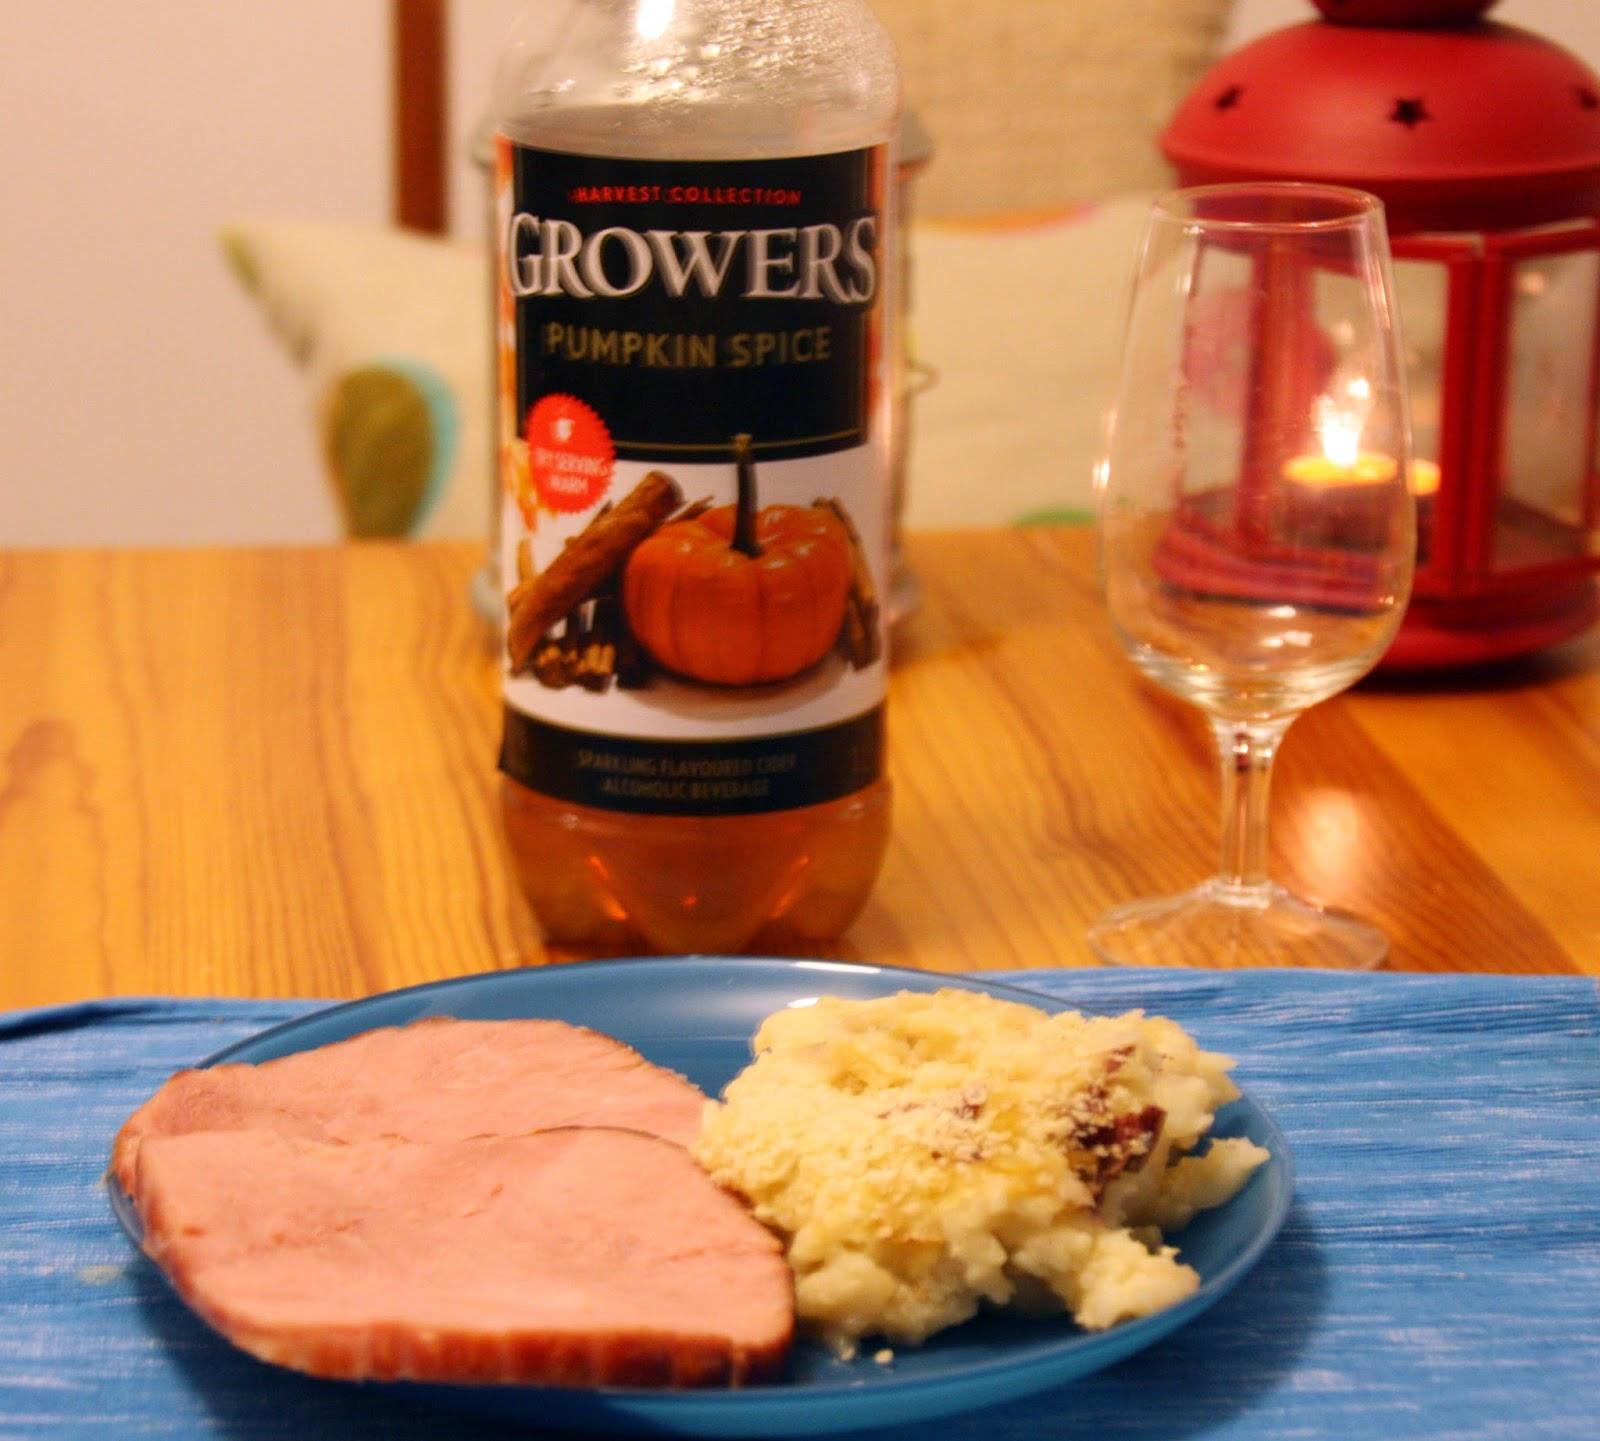 Grower's Pumpkin Spice cider